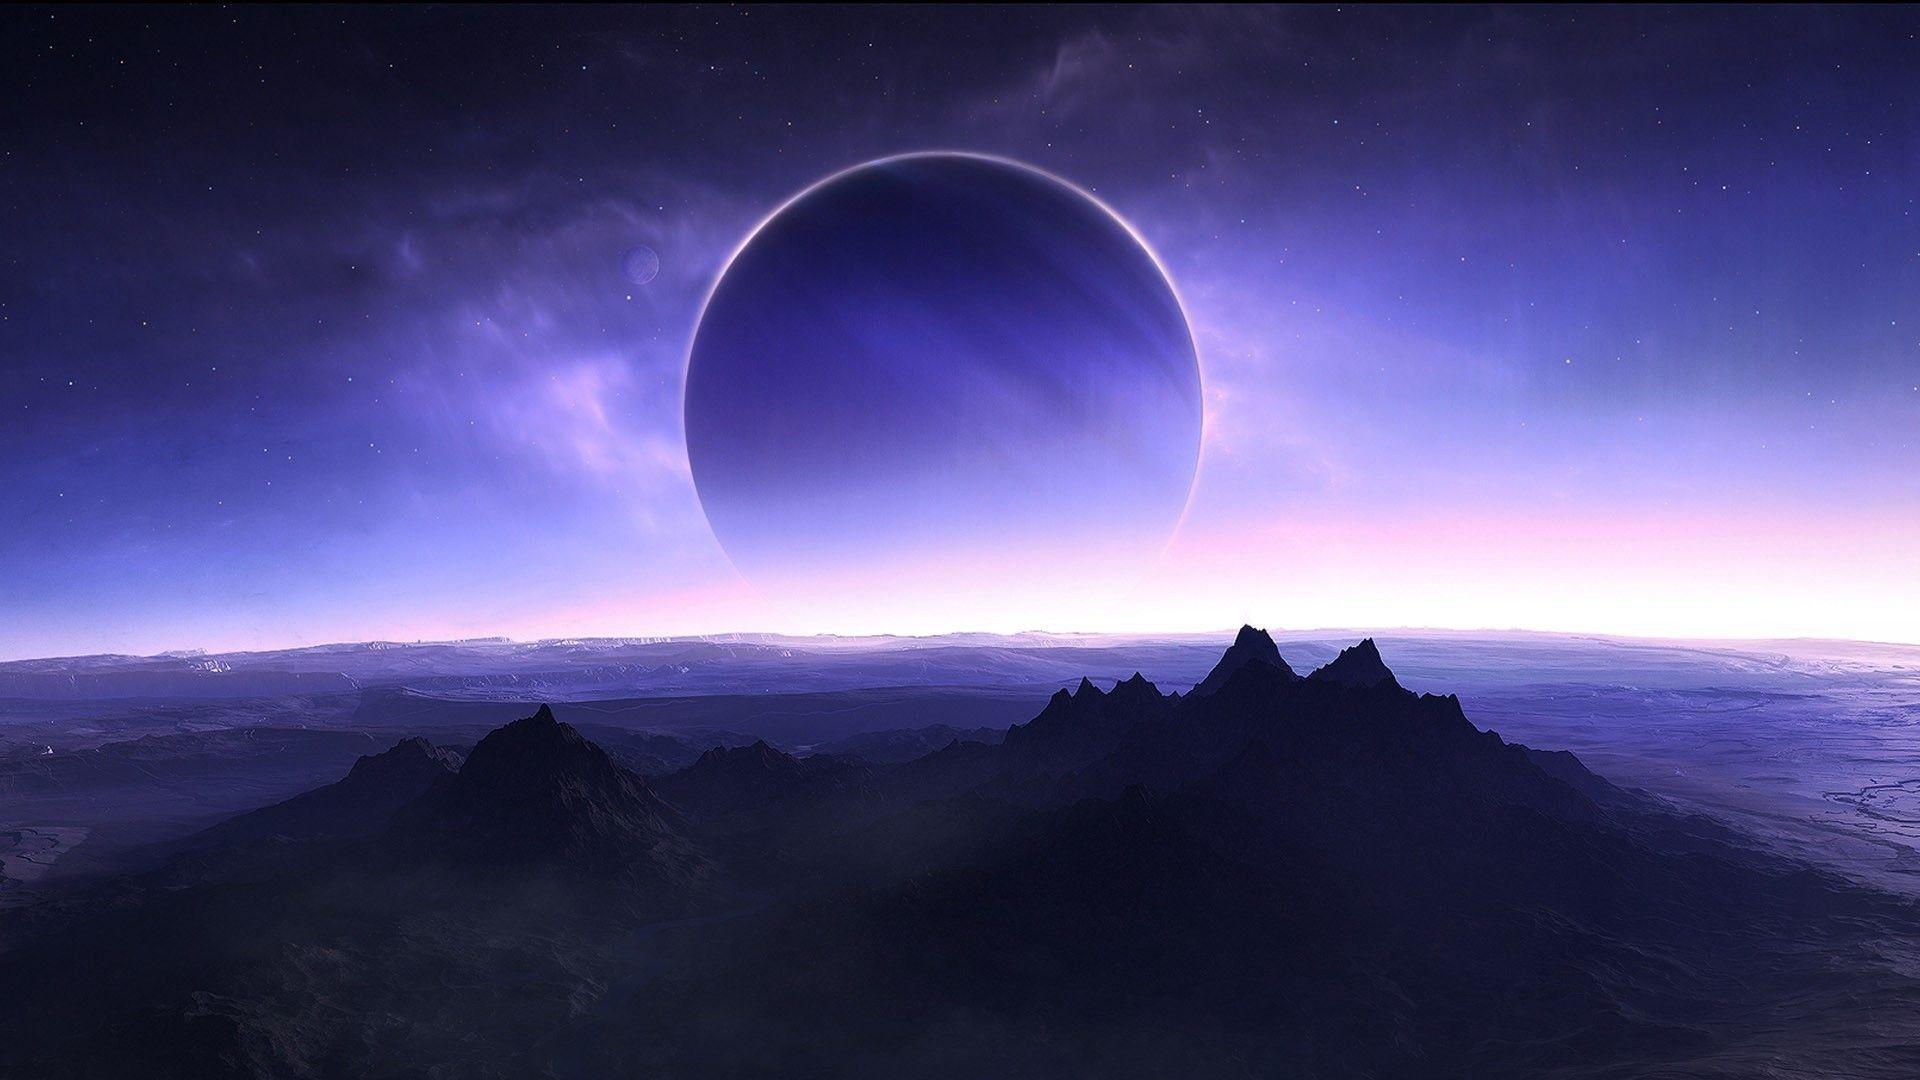 Fondos de pantalla Planeta montañas desde el cielo